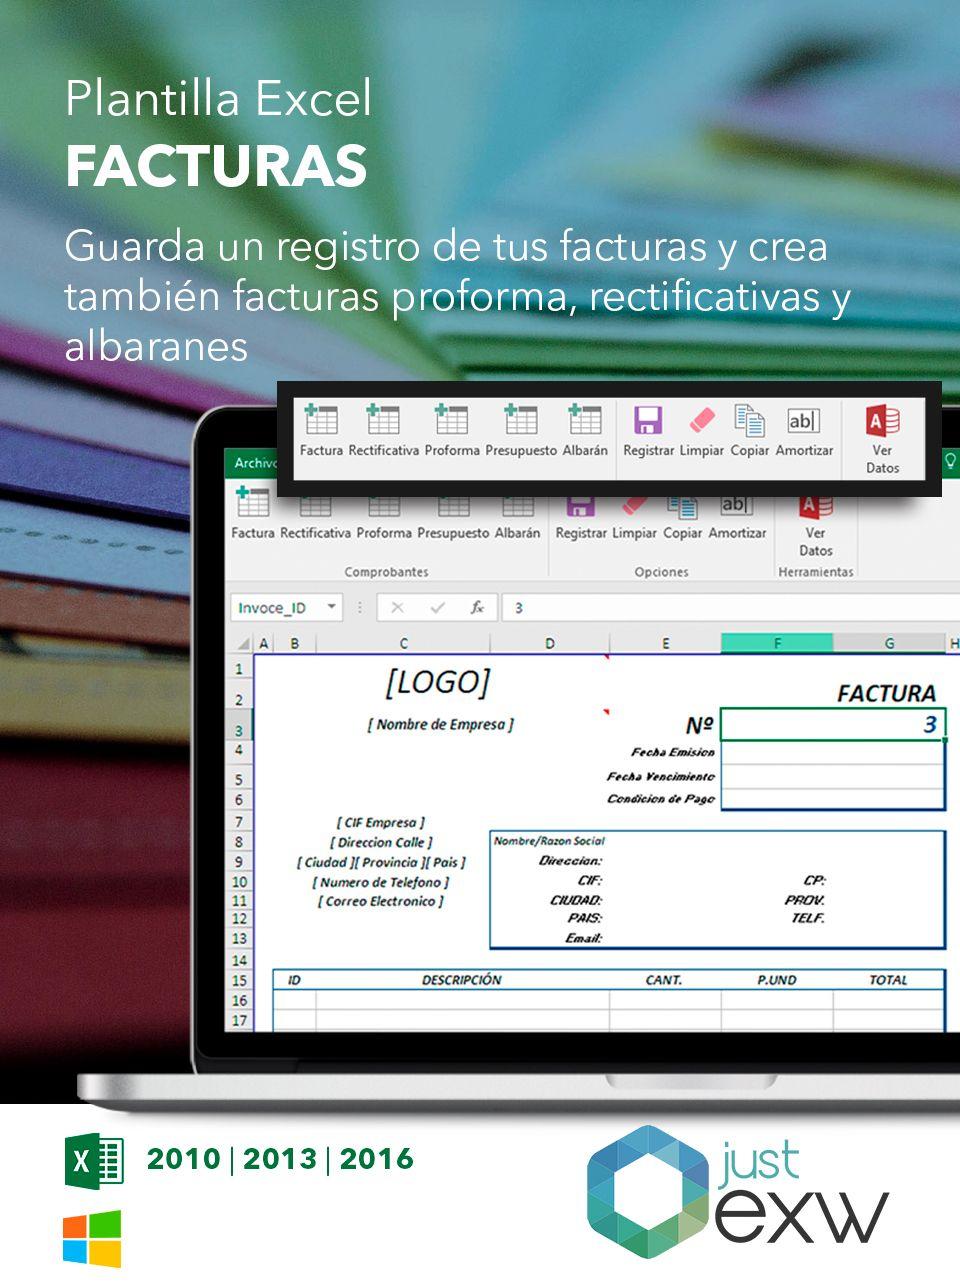 Plantilla de cotización para Excel | Plantilla para descargar